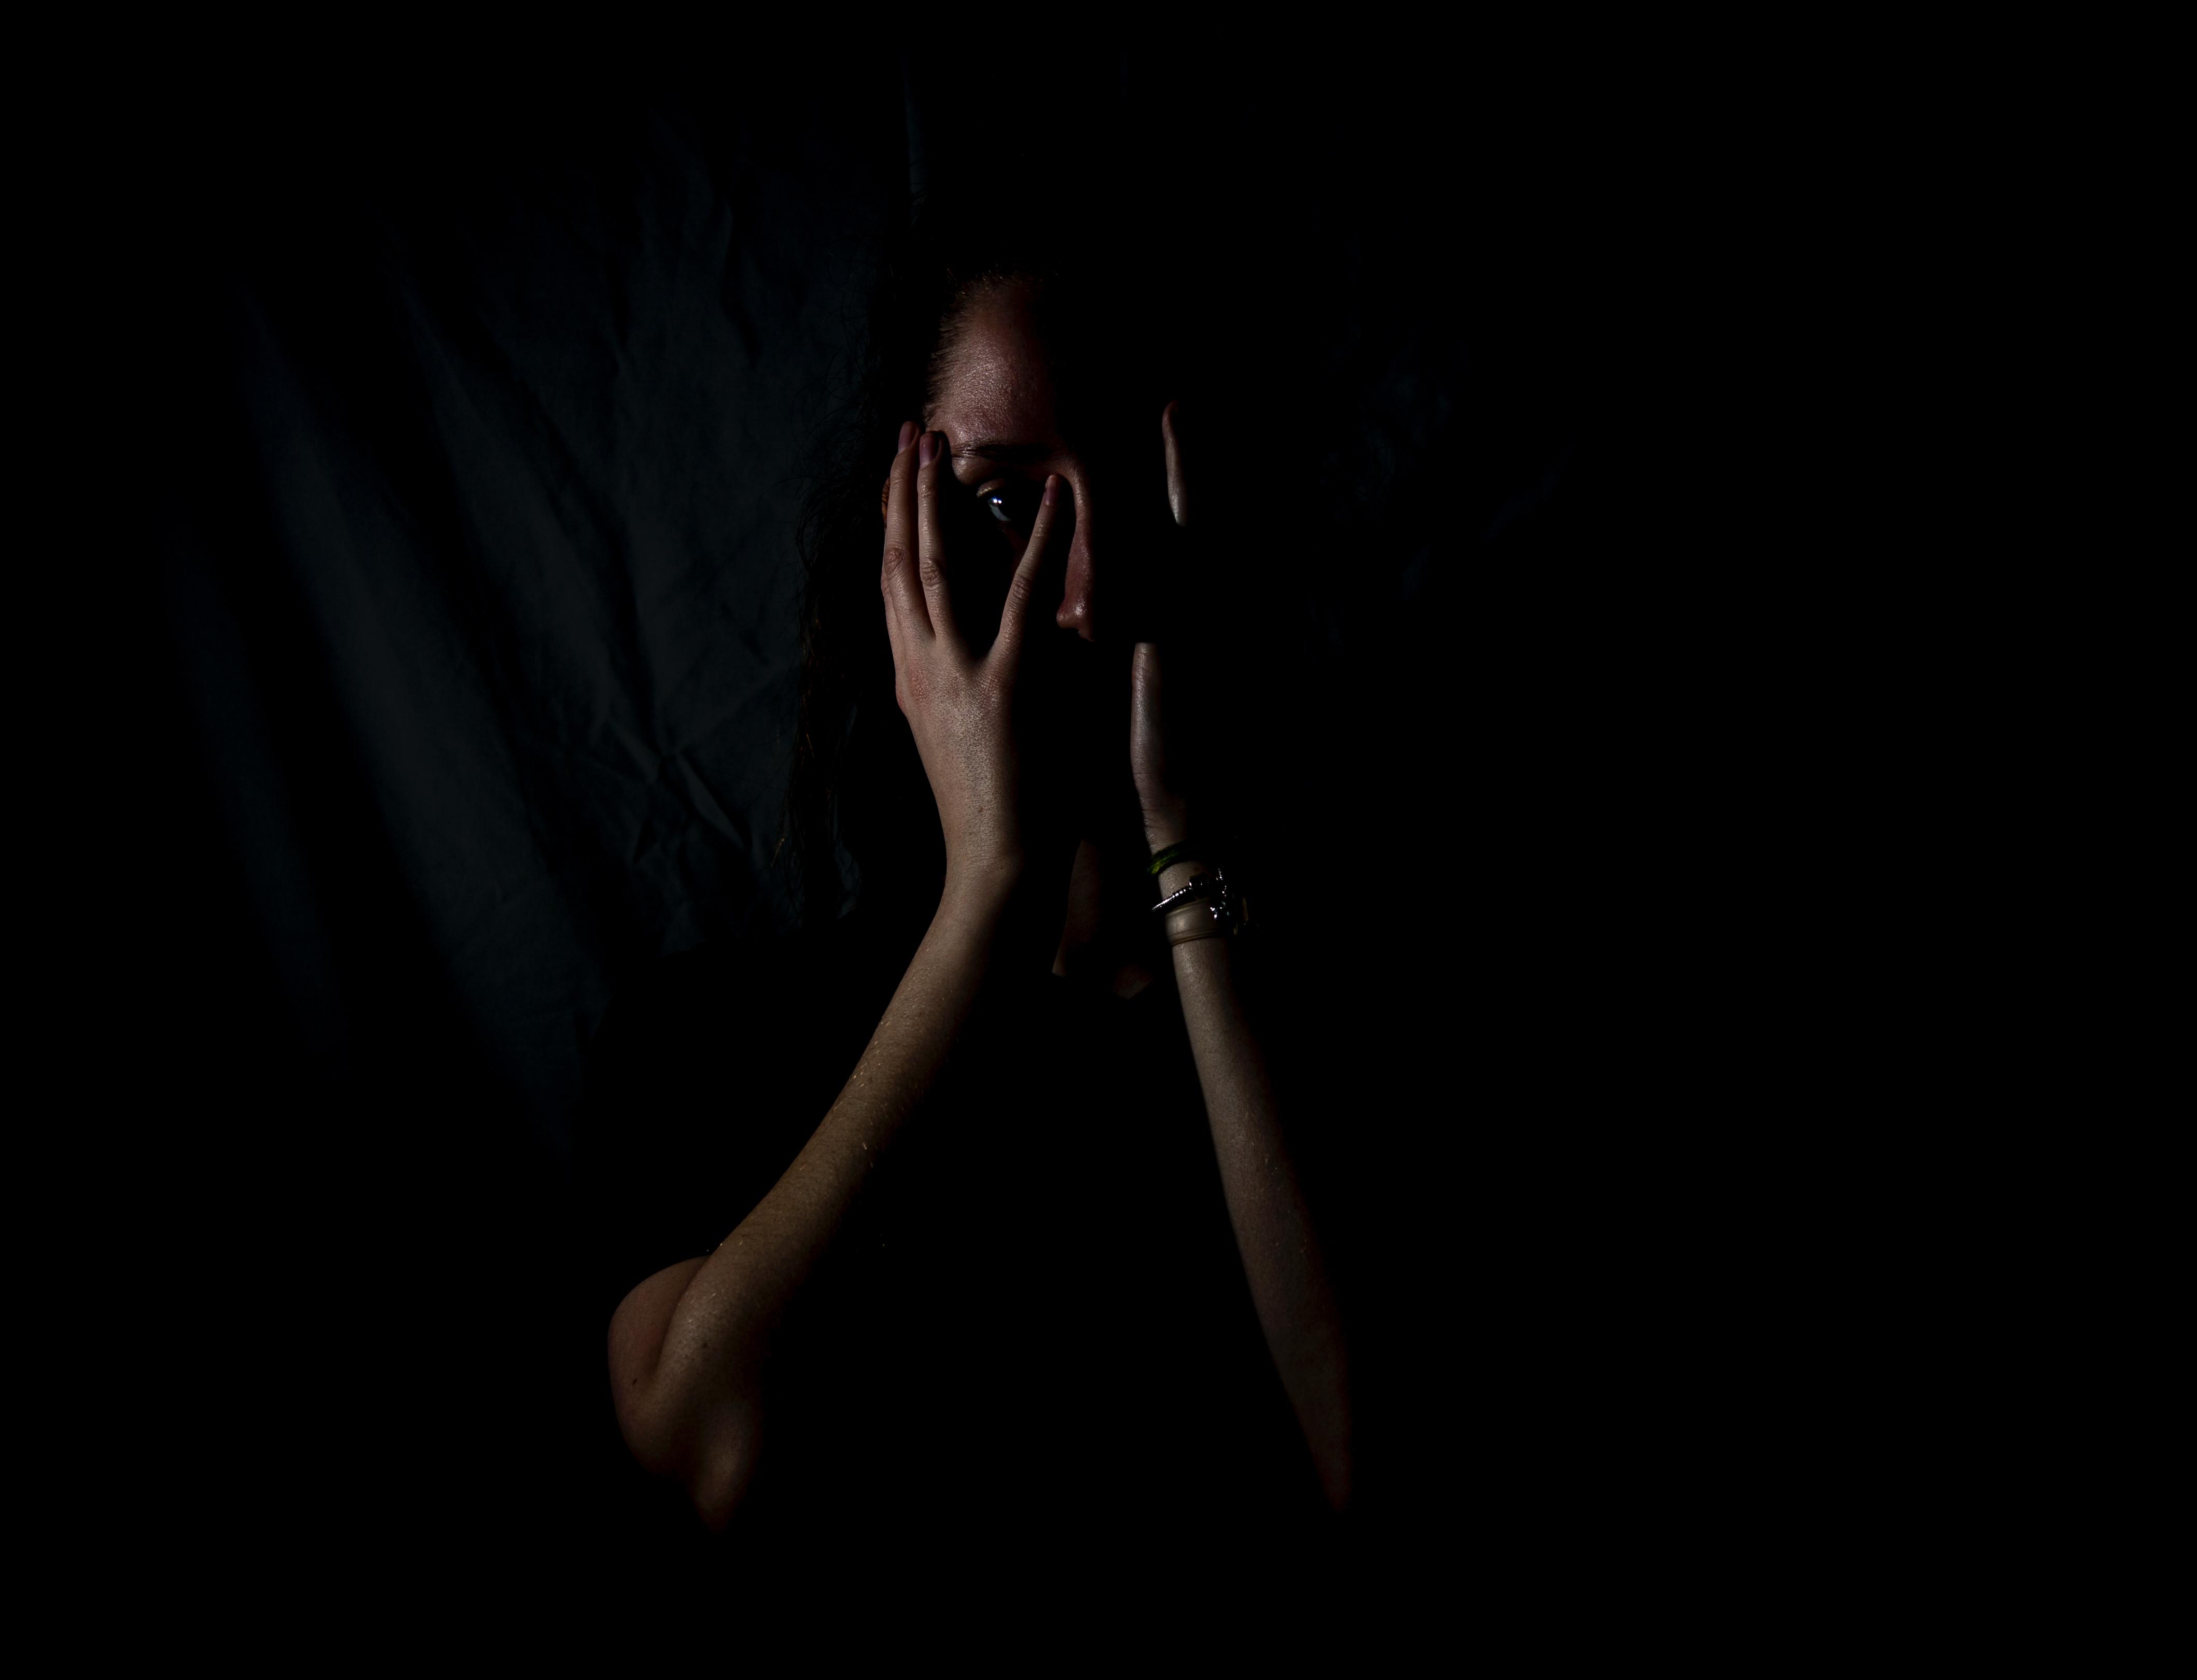 Картинка темнота страшная